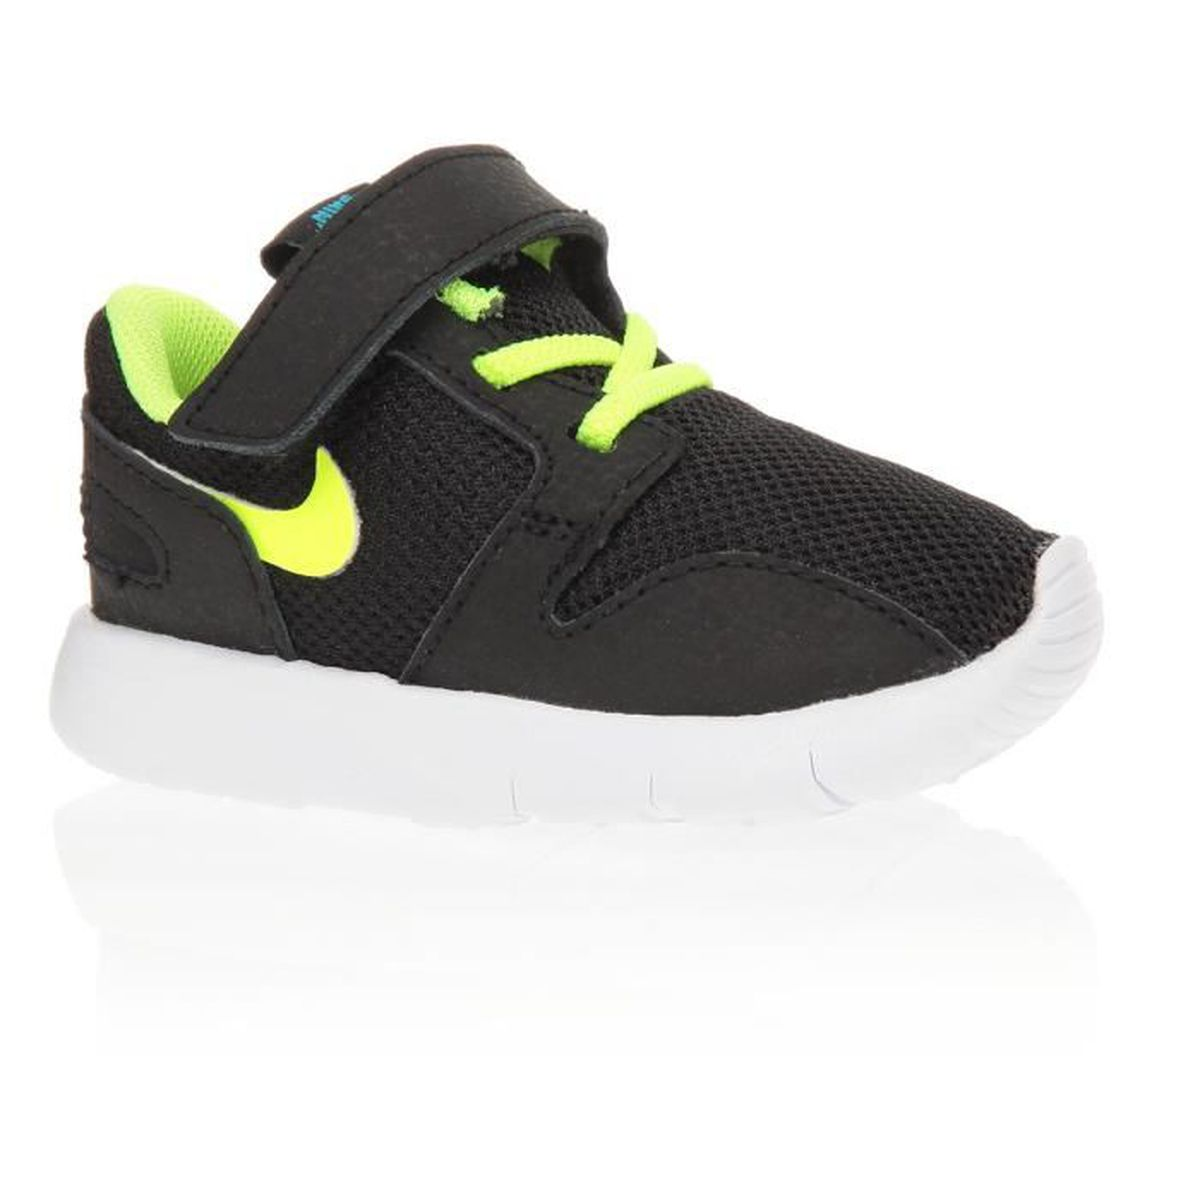 nike baskets kaishi td chaussures b b gar on noir et vert achat vente basket soldes. Black Bedroom Furniture Sets. Home Design Ideas